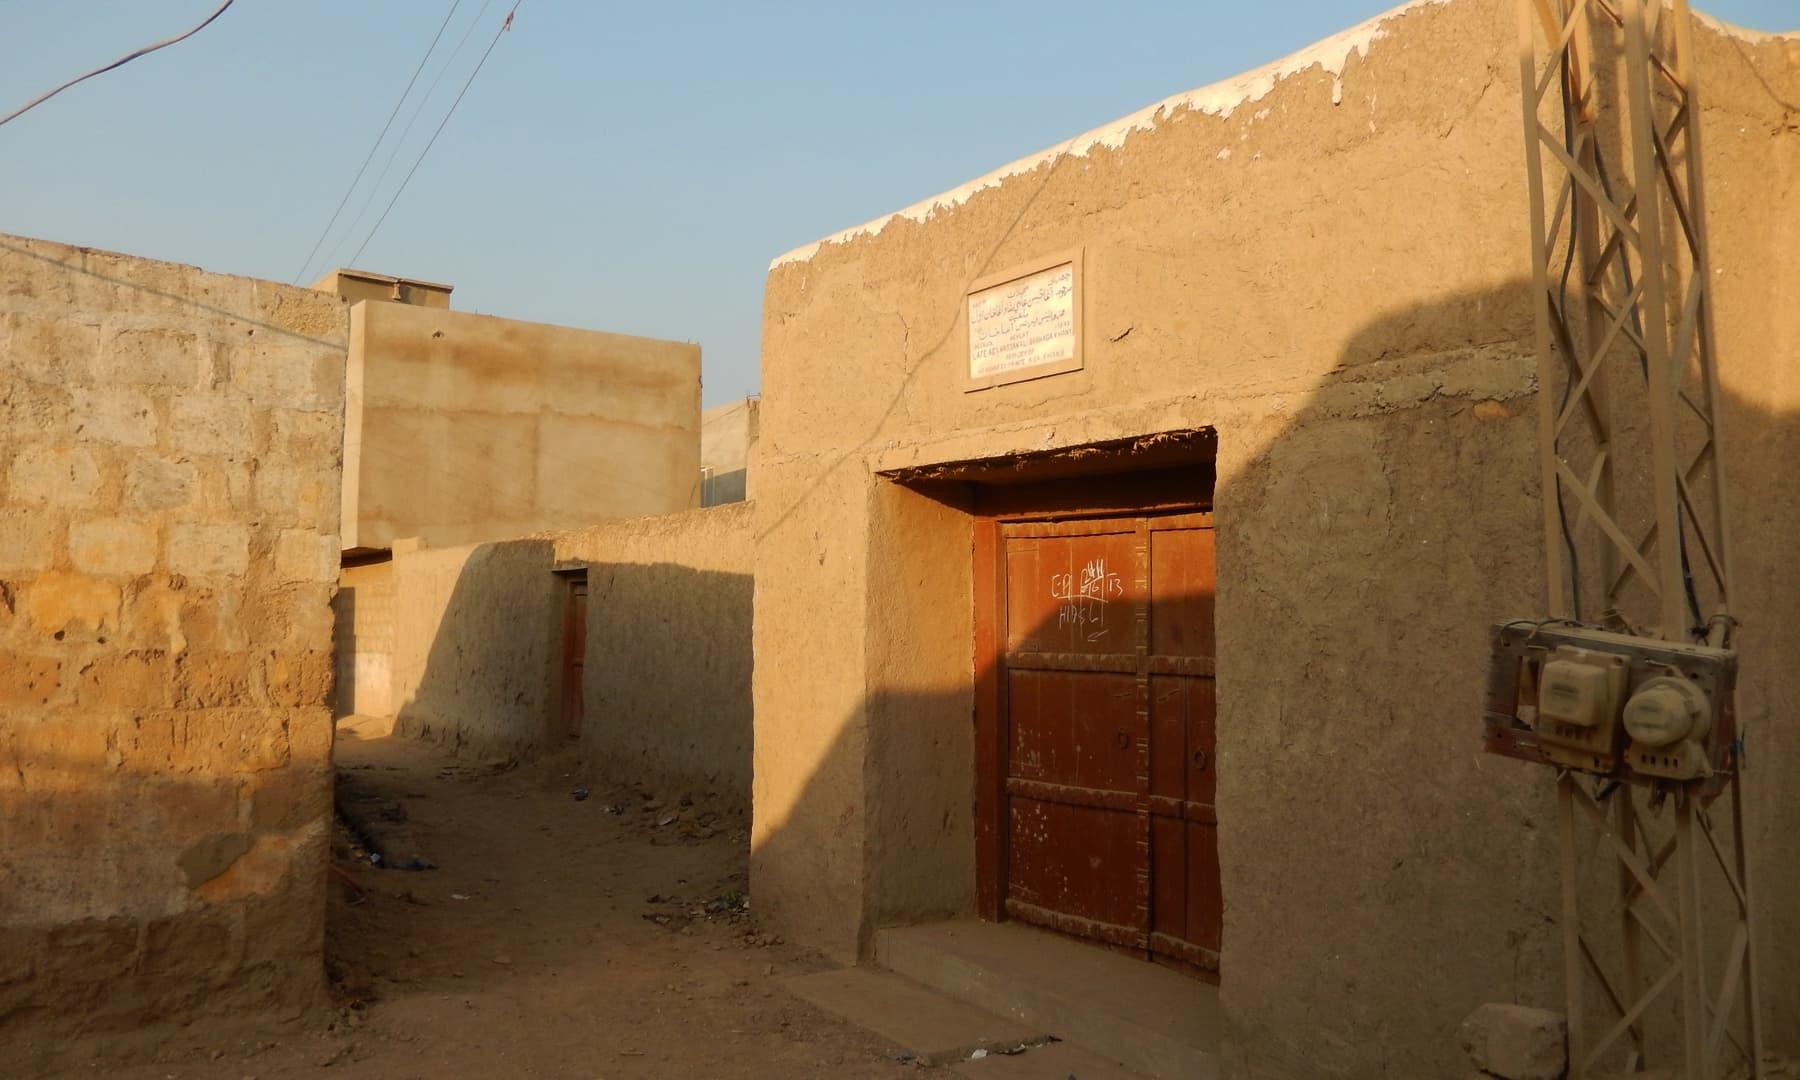 آغا خان اول کی جانب سے تعمیر کروایا جانے والا محل — تصویر ابوبکر شیخ